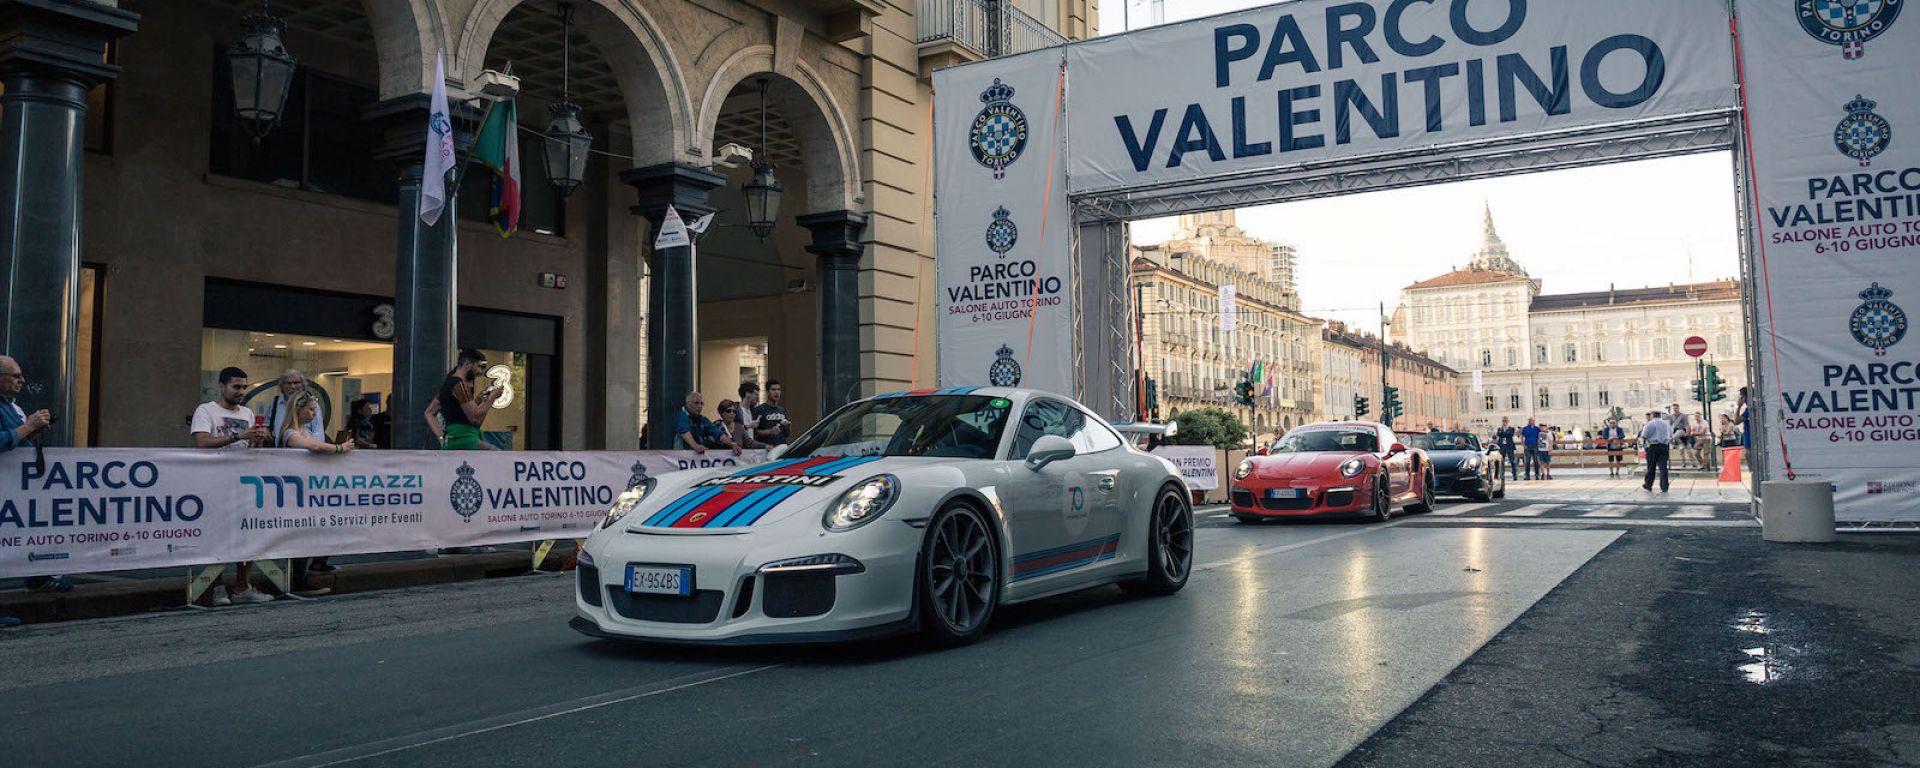 Il Salone dell'auto trasloca a Milano